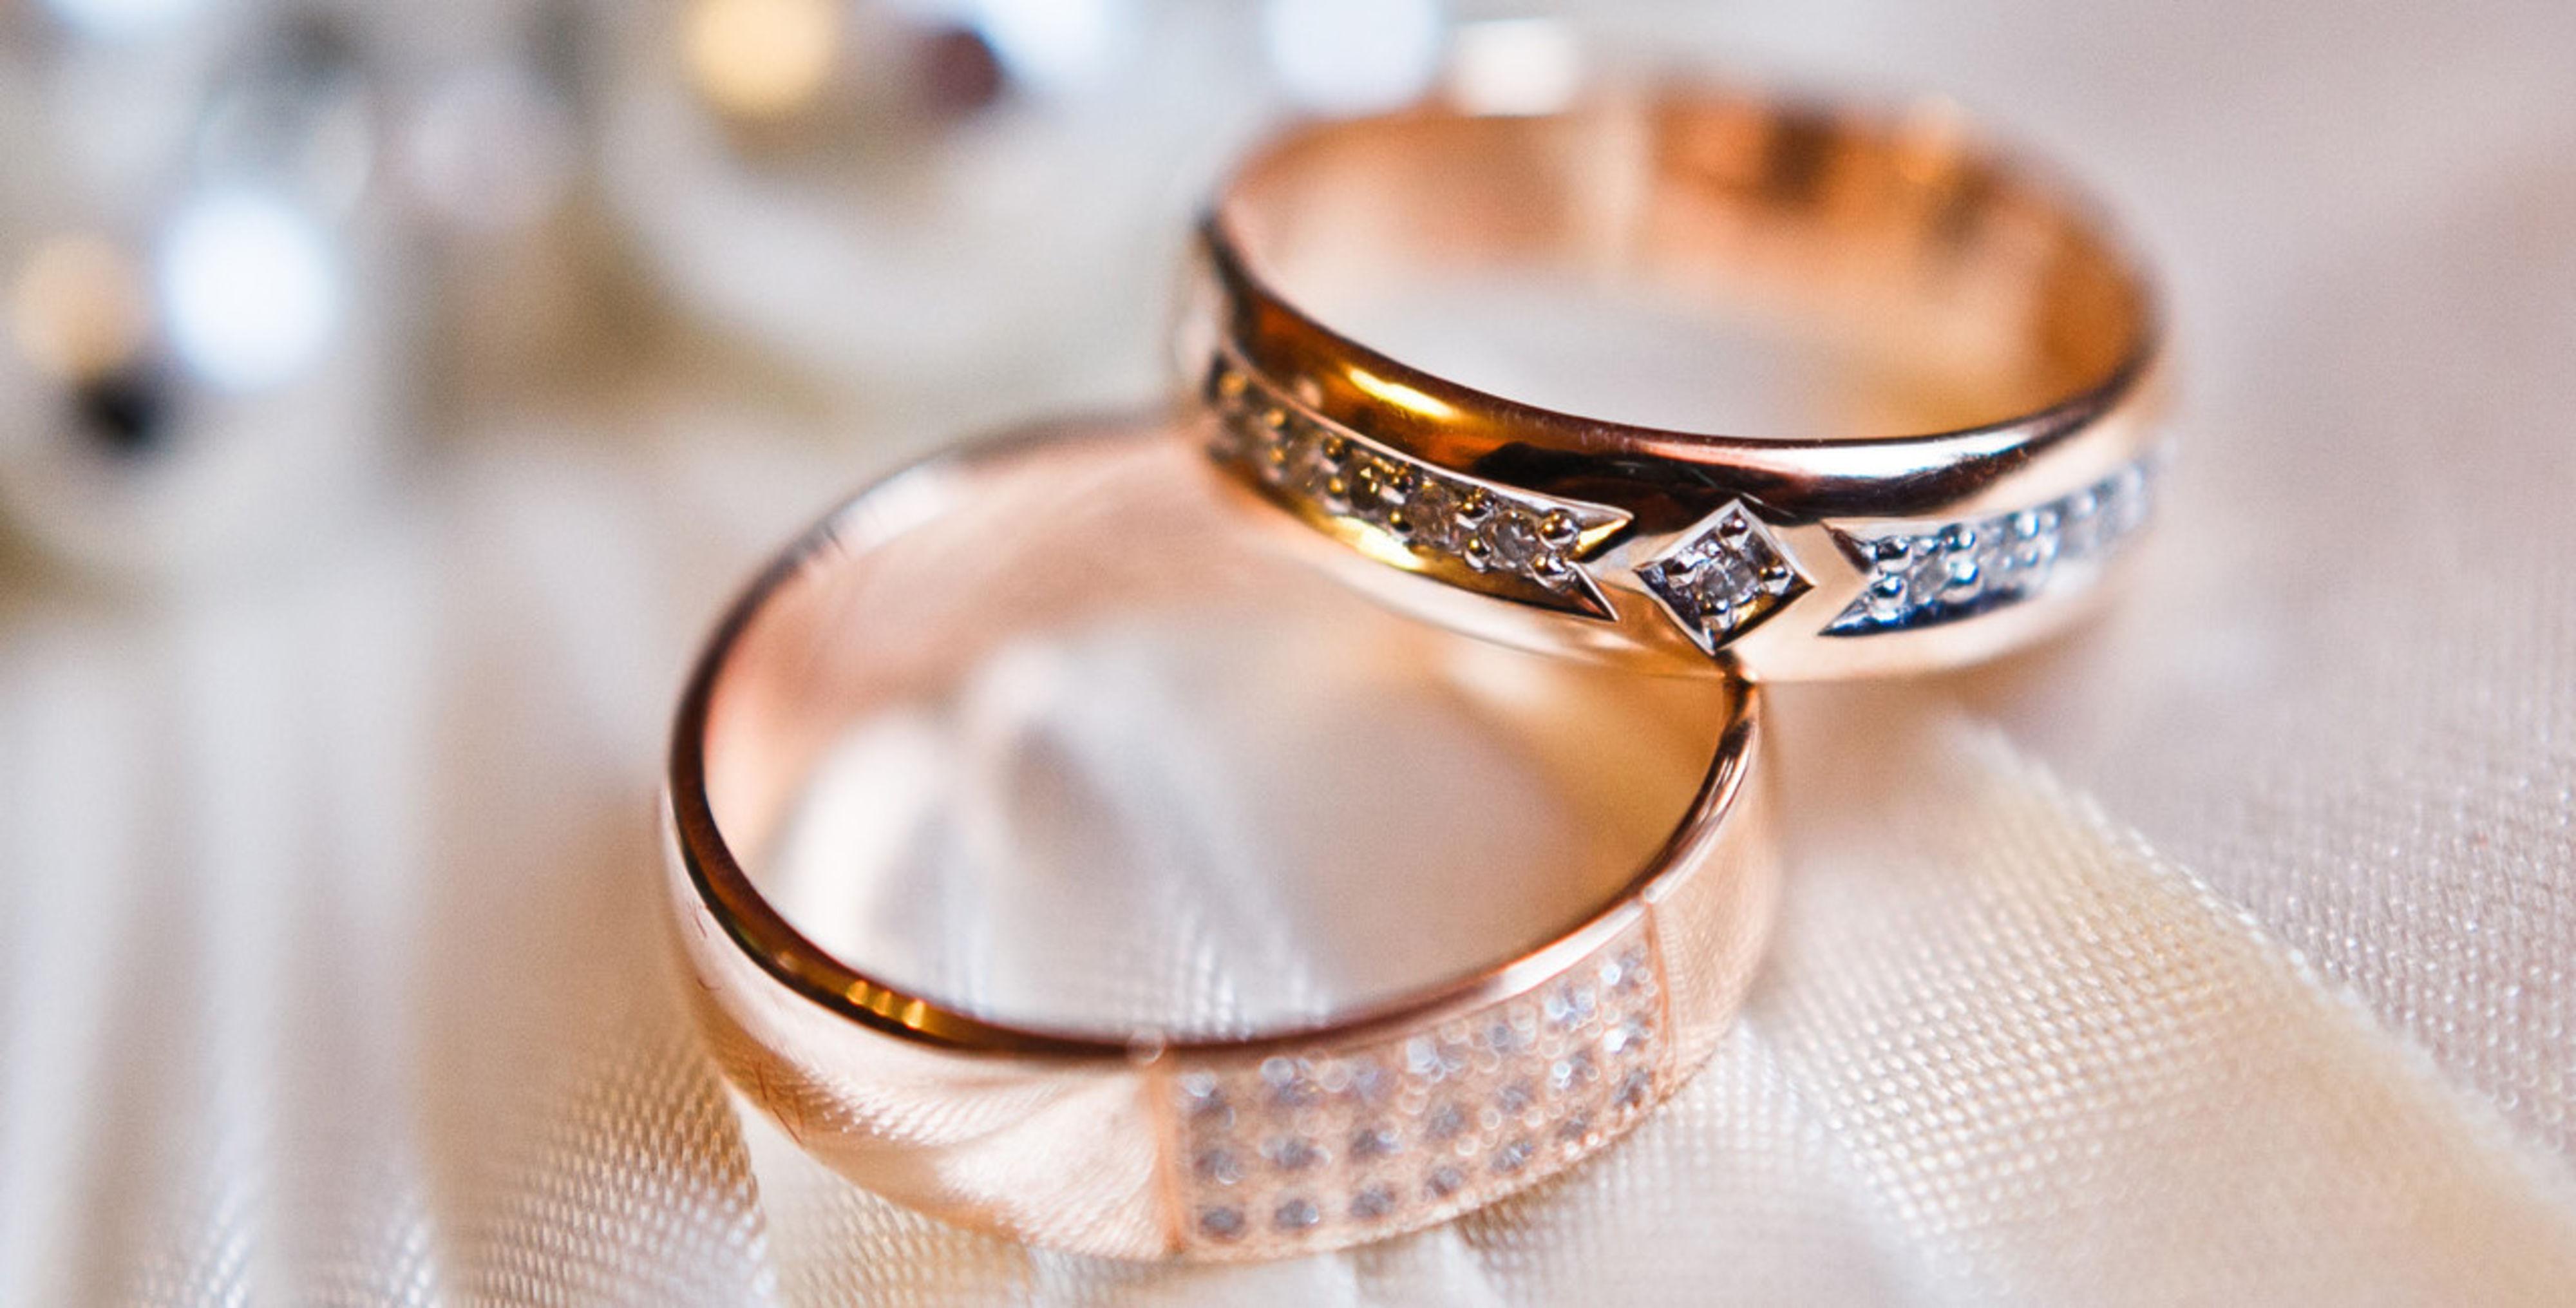 Juwelier Van der Meulen Drachten